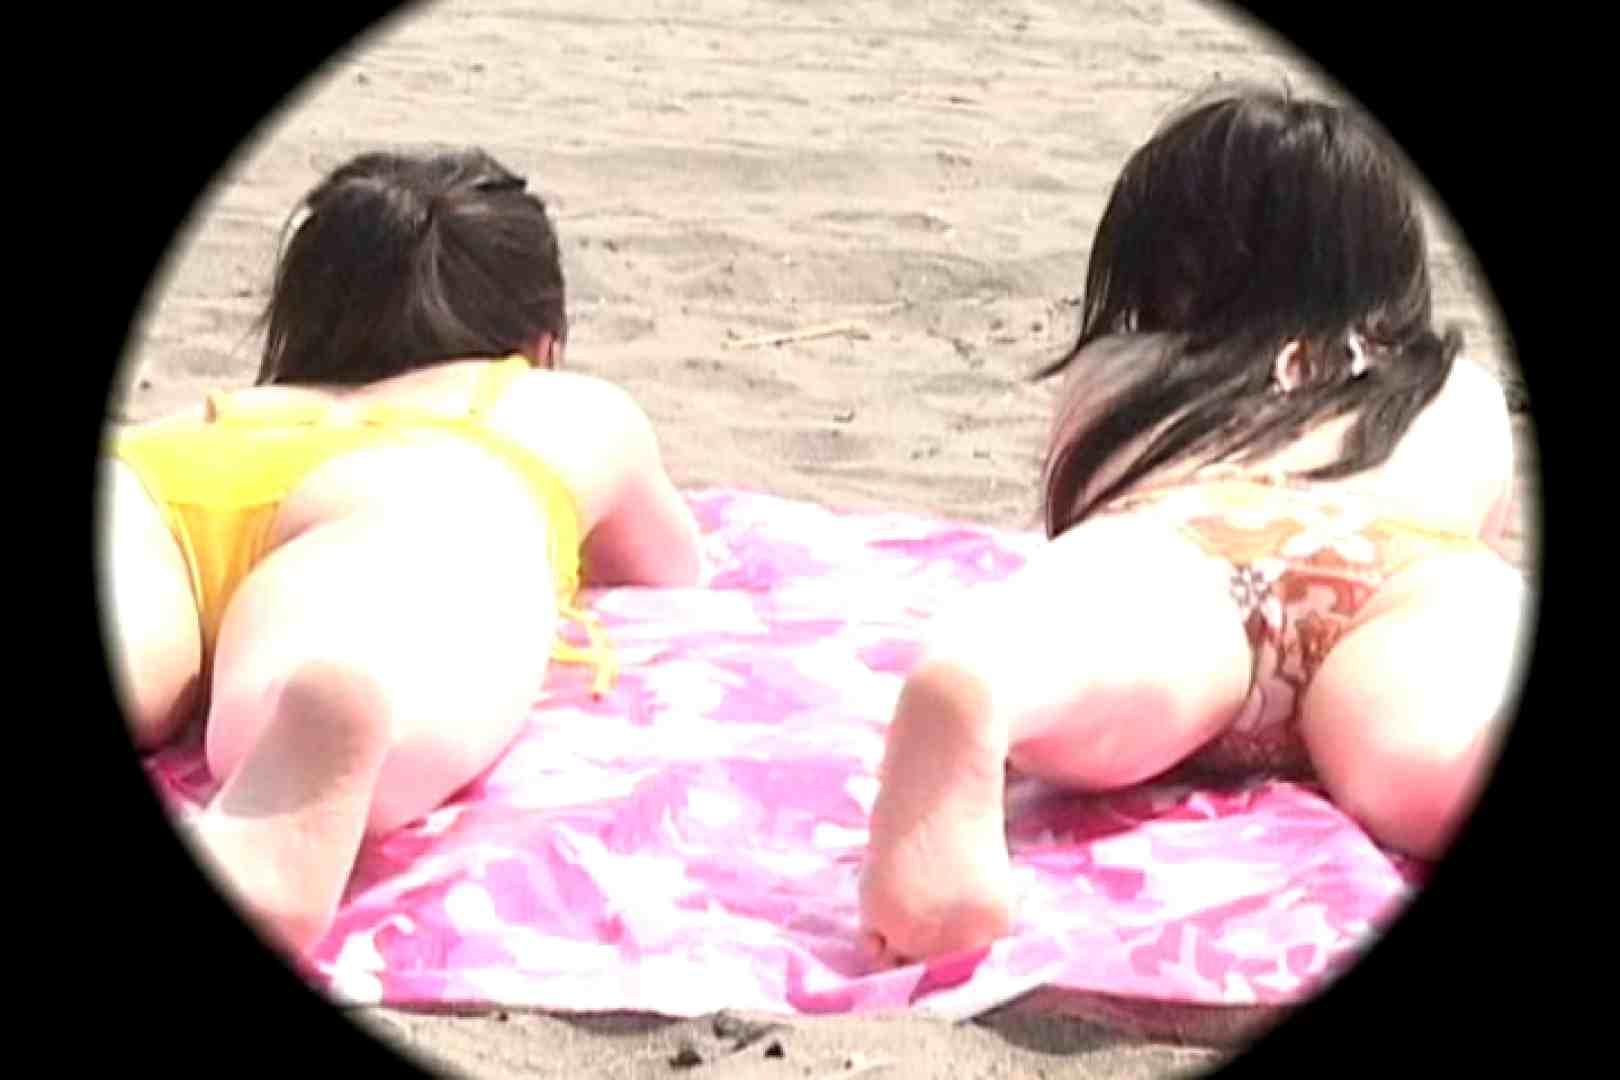 ビーチで発見!!はしゃぎ過ぎポロリギャルVol.5 ロリエロ画像 盗み撮りAV無料動画キャプチャ 108PICs 35